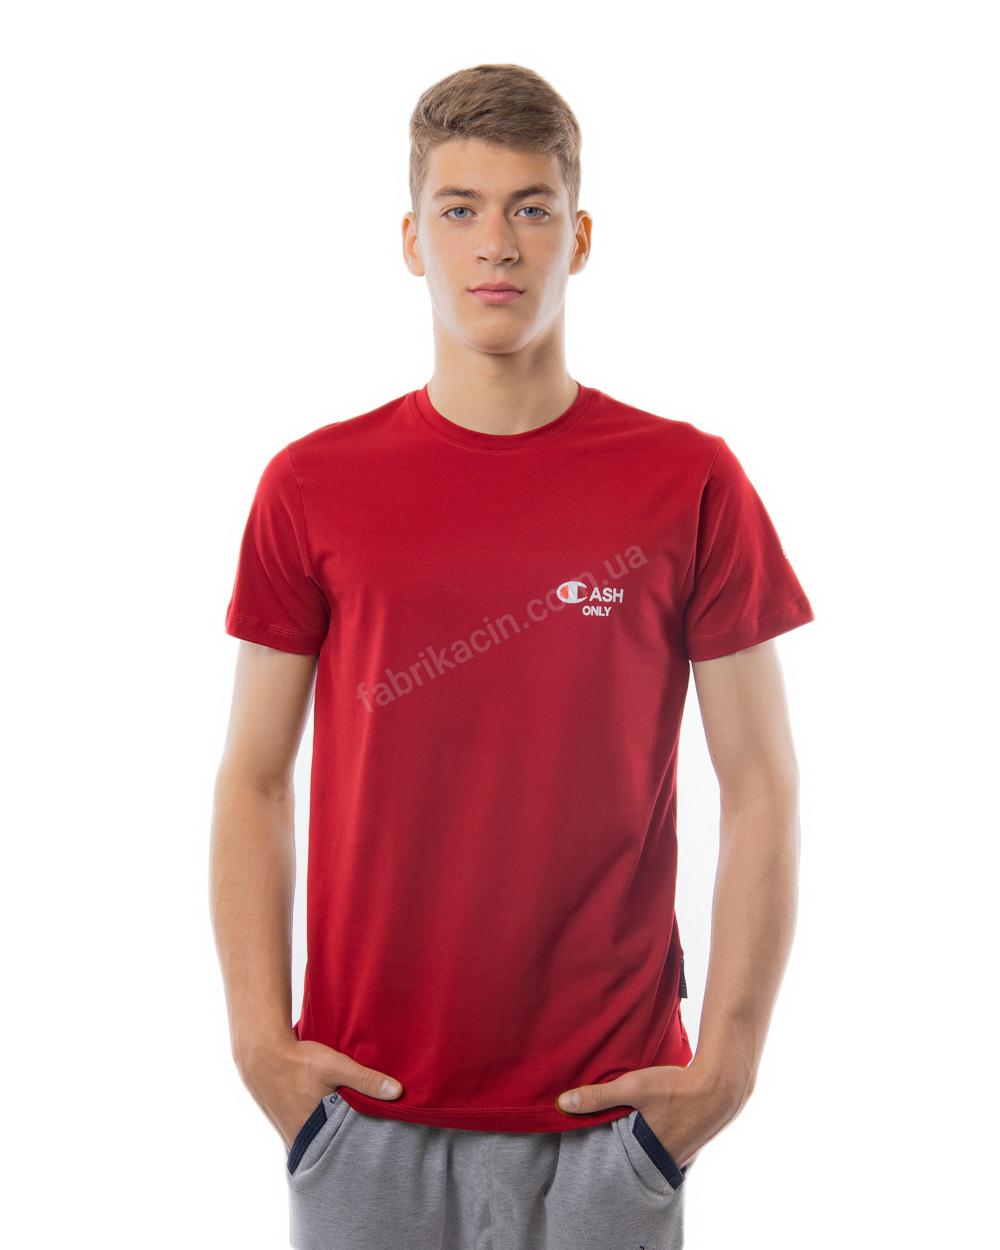 Футболка однотонная с надписью 44 - 50 цвет: бордовый - 1